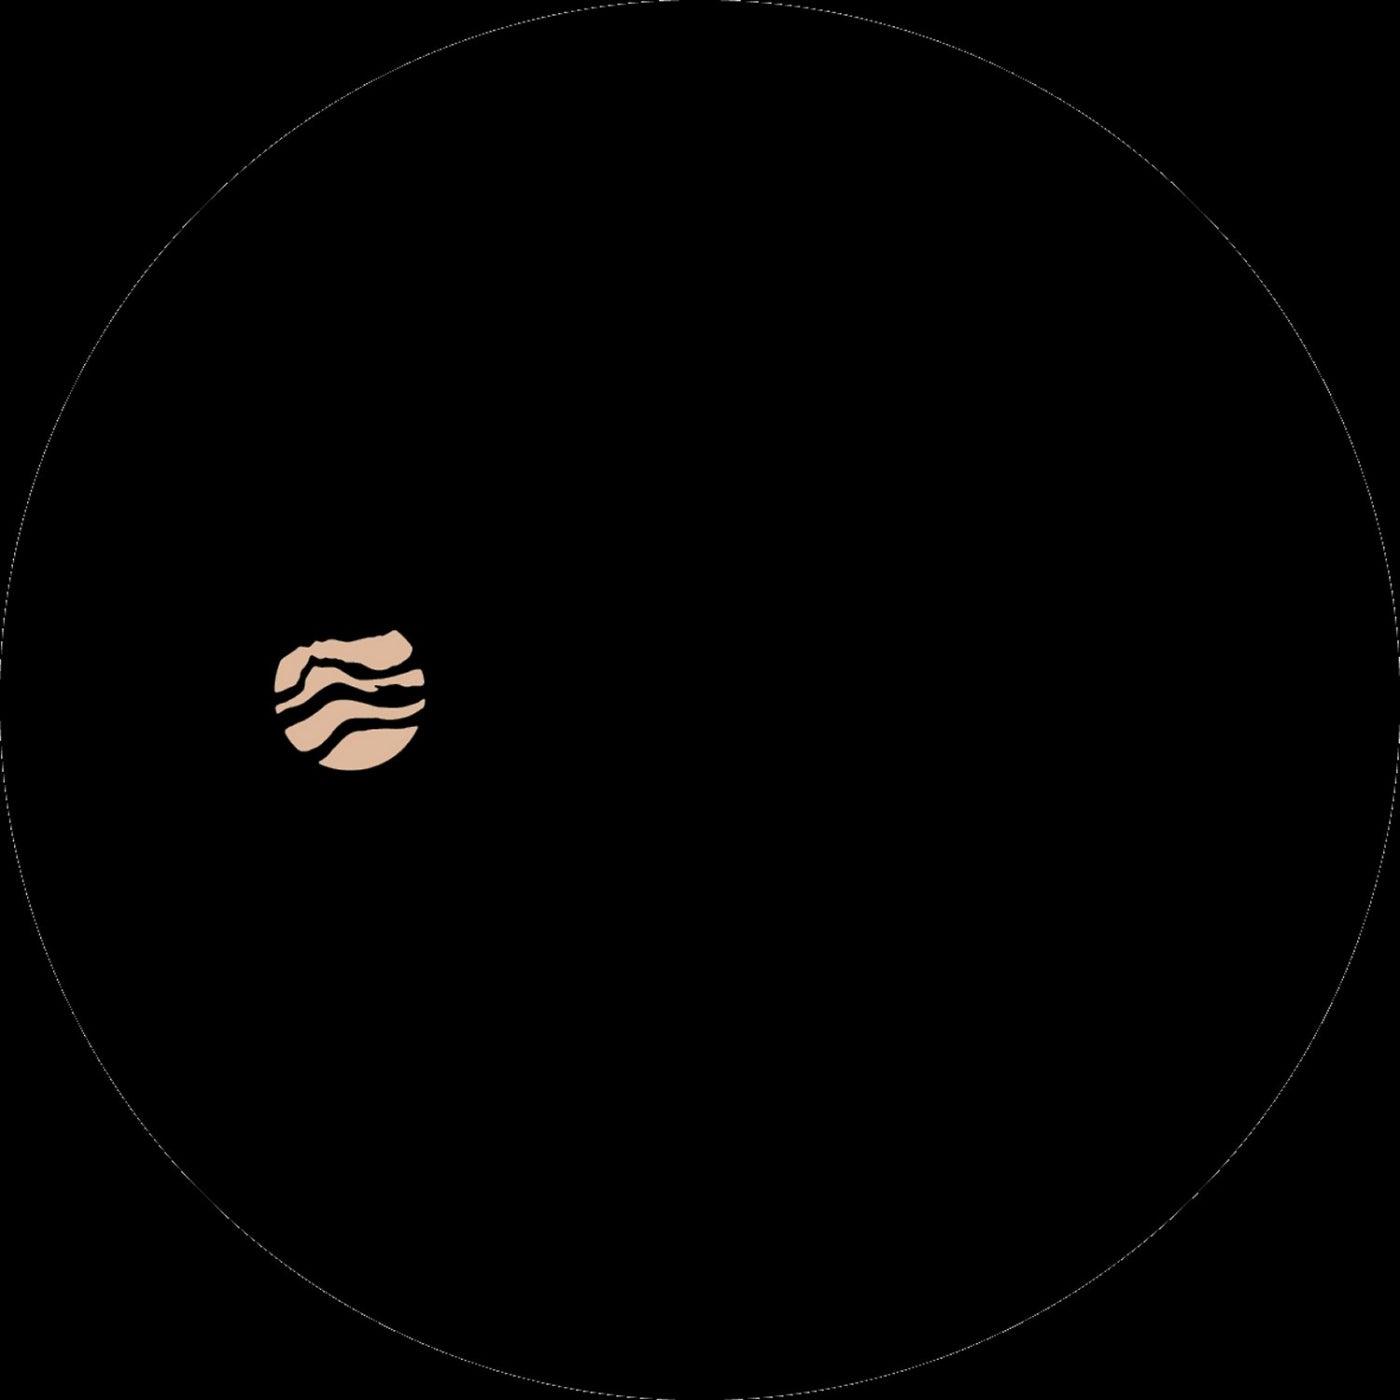 Rame (Original Mix)